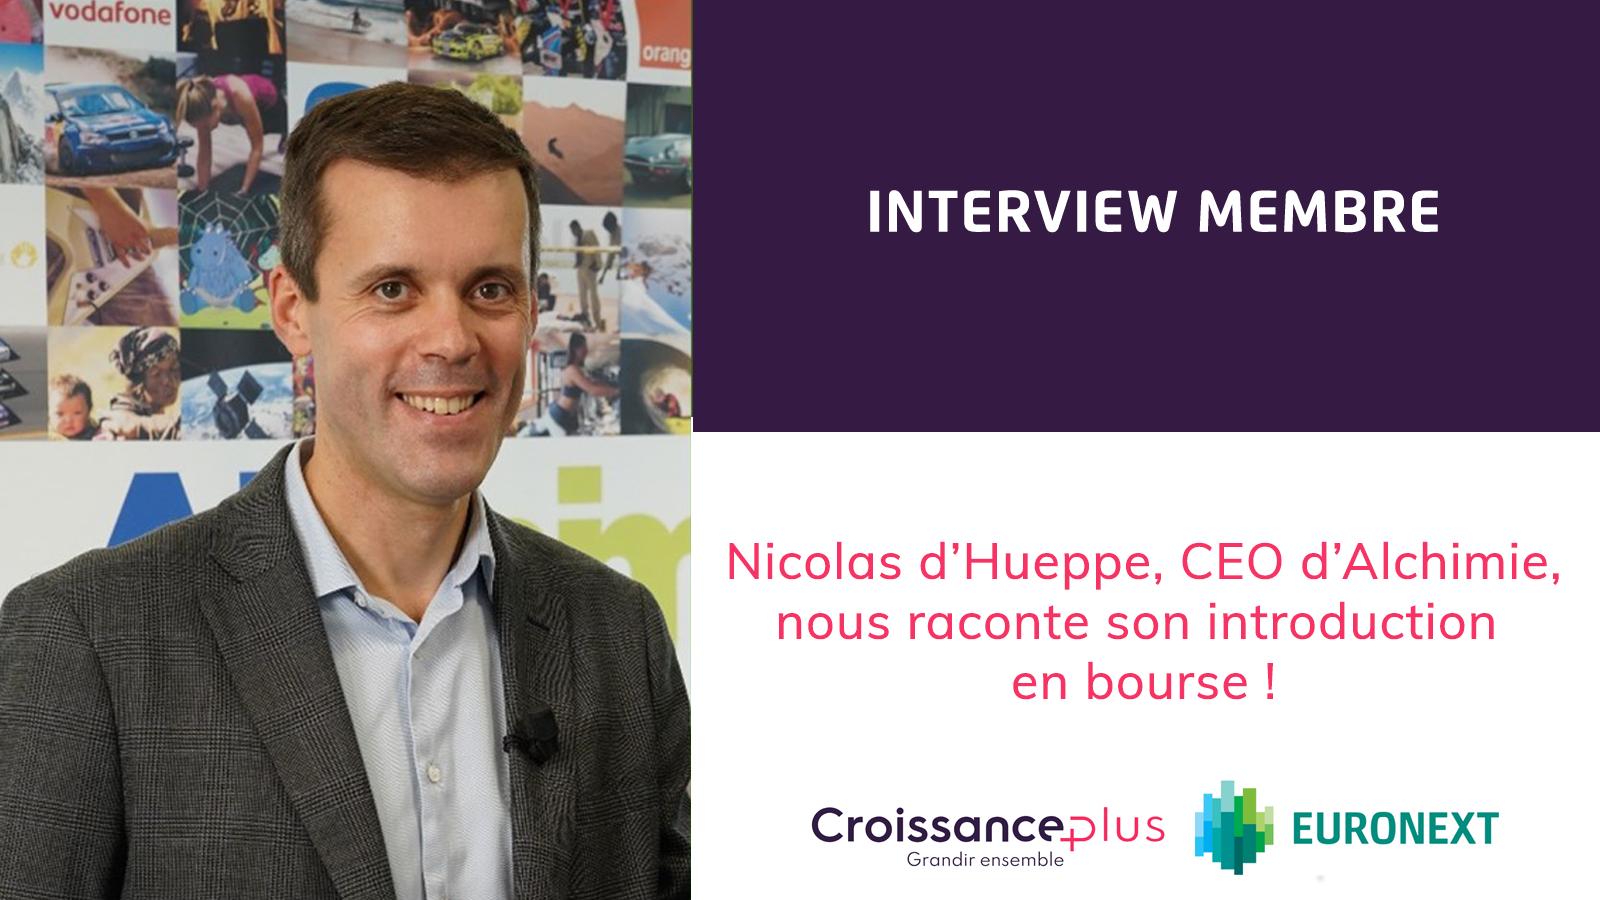 Morning Croissance avec Nicolas d'Hueppe !